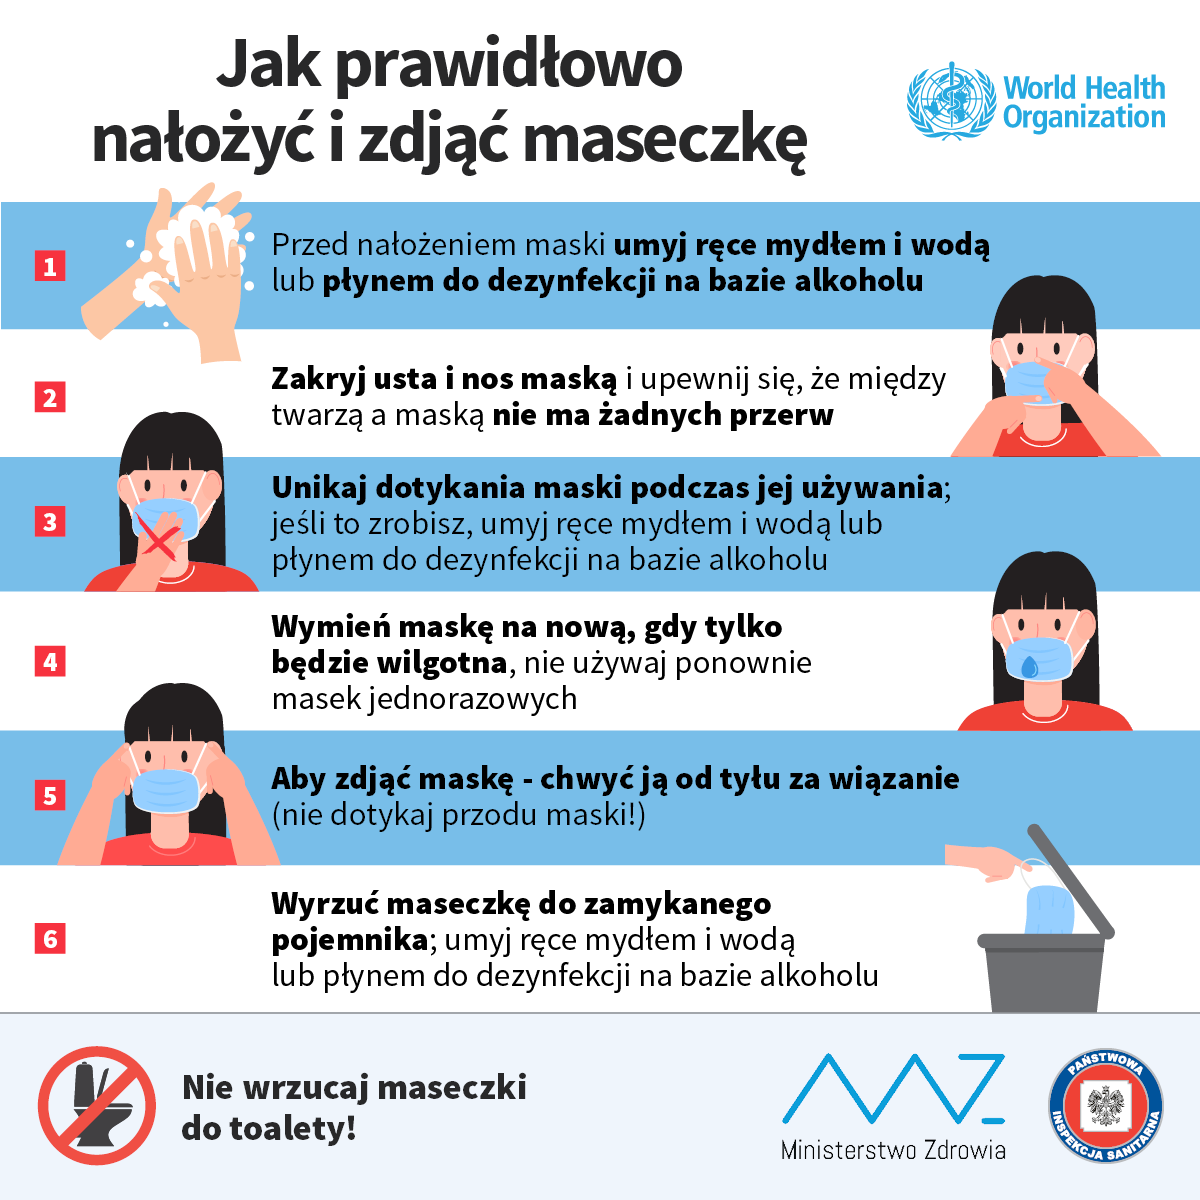 Instrukcja prawidłowego zakładania i ściągania maski ochronnej: